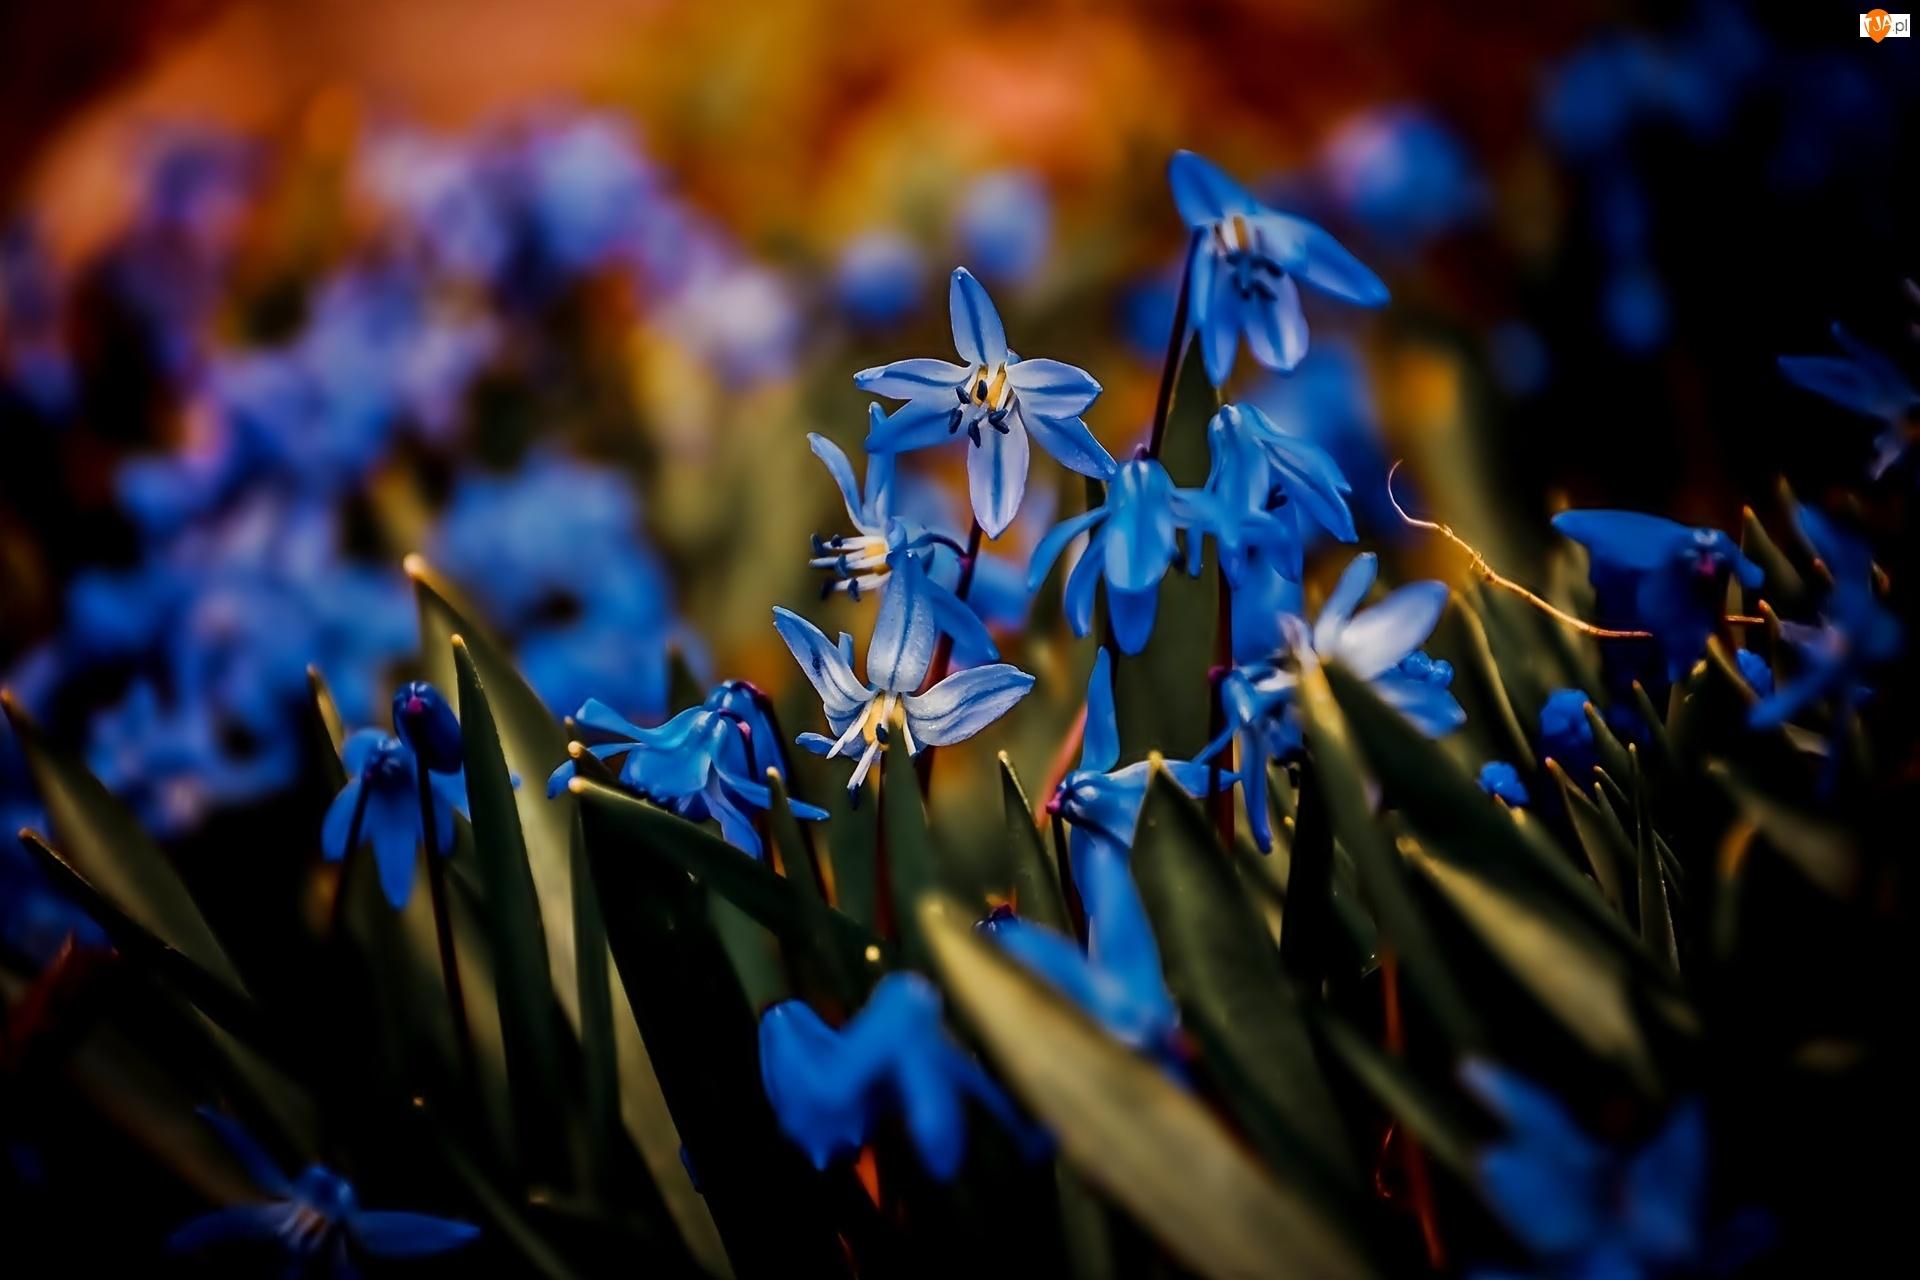 Cebulica syberyjska, Niebieskie, Kwiaty